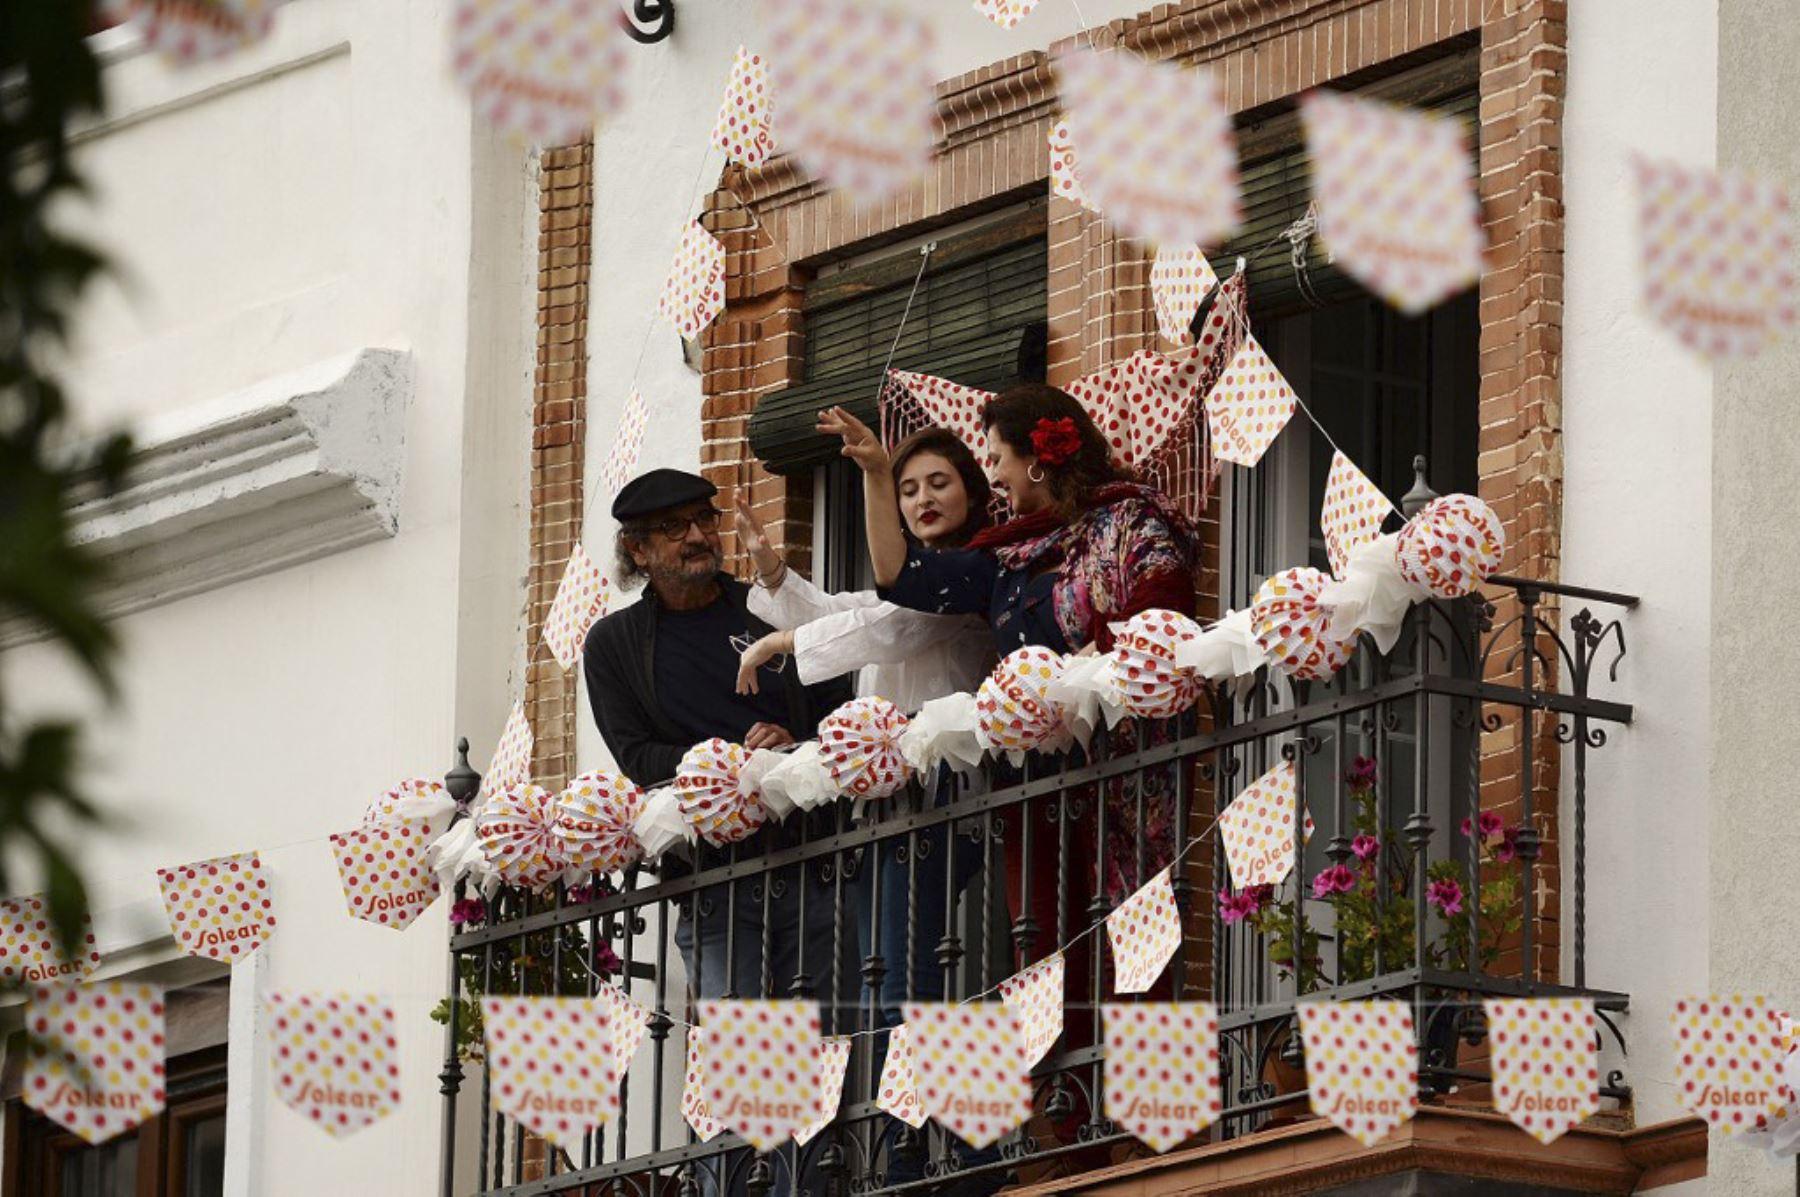 España eliminará la obligatoriedad del uso de mascarillas a partir del 26 de junio. Foto: AFP